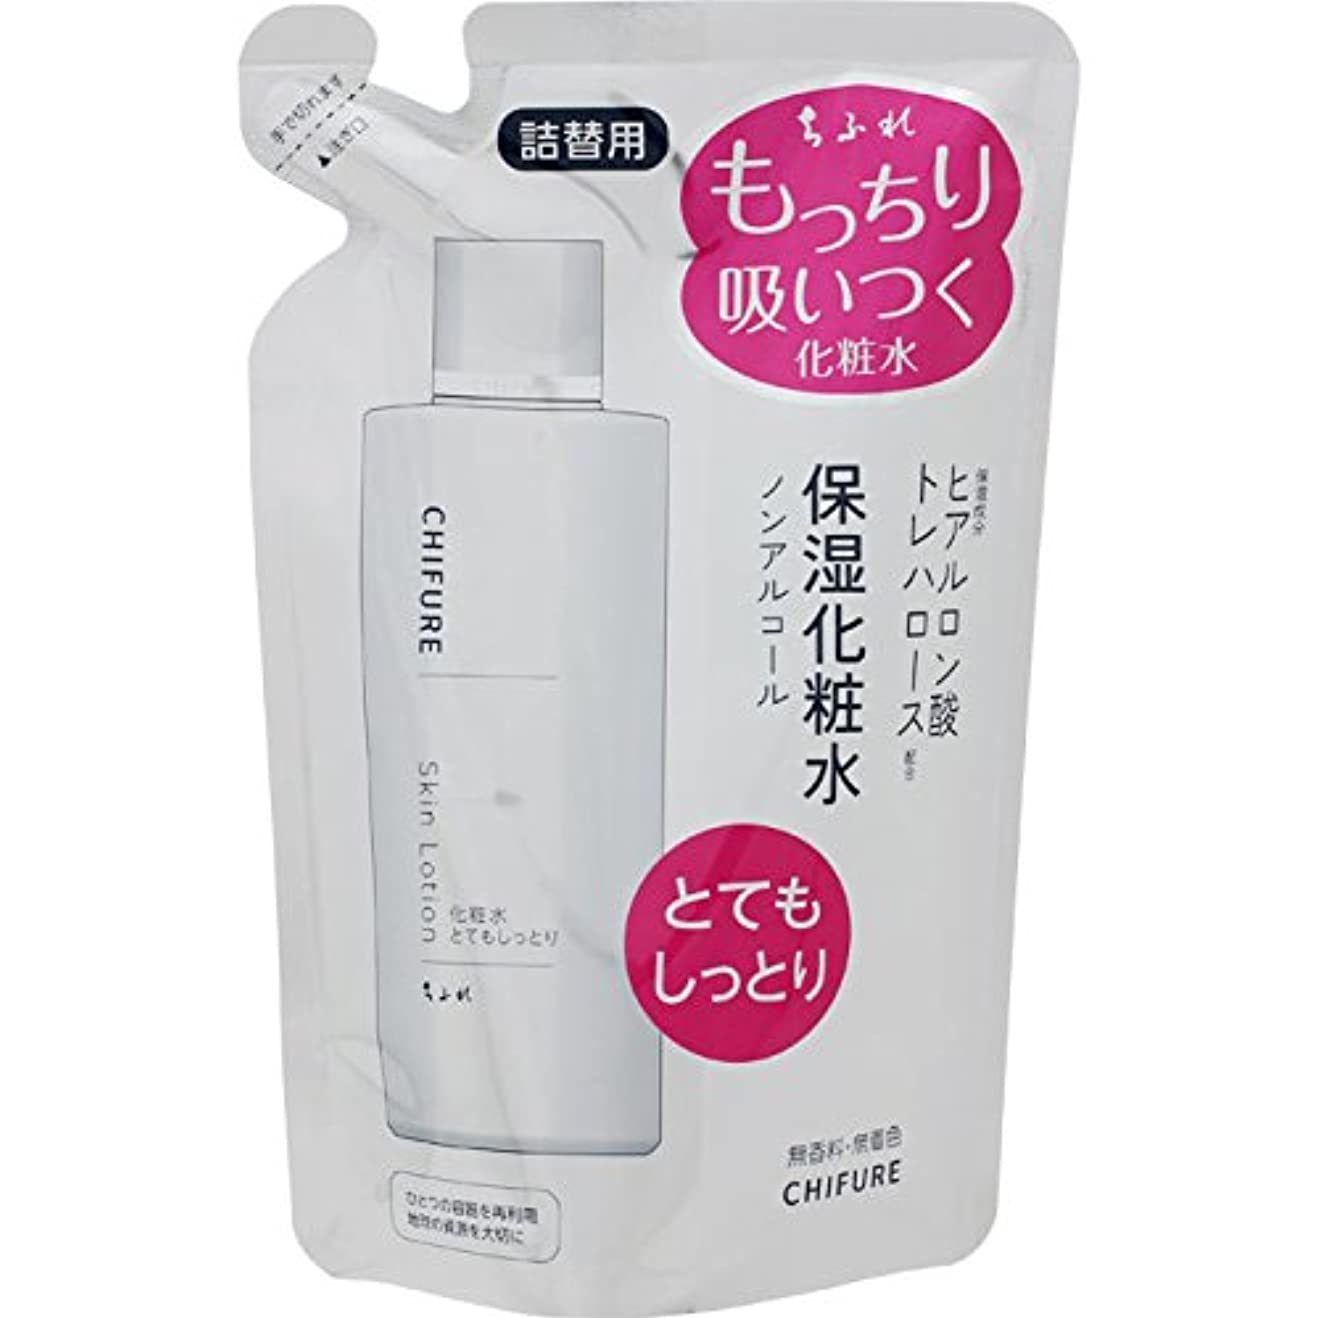 ポーズ使用法逆ちふれ化粧品 化粧水 とてもしっとりタイプ 詰替用 150ML